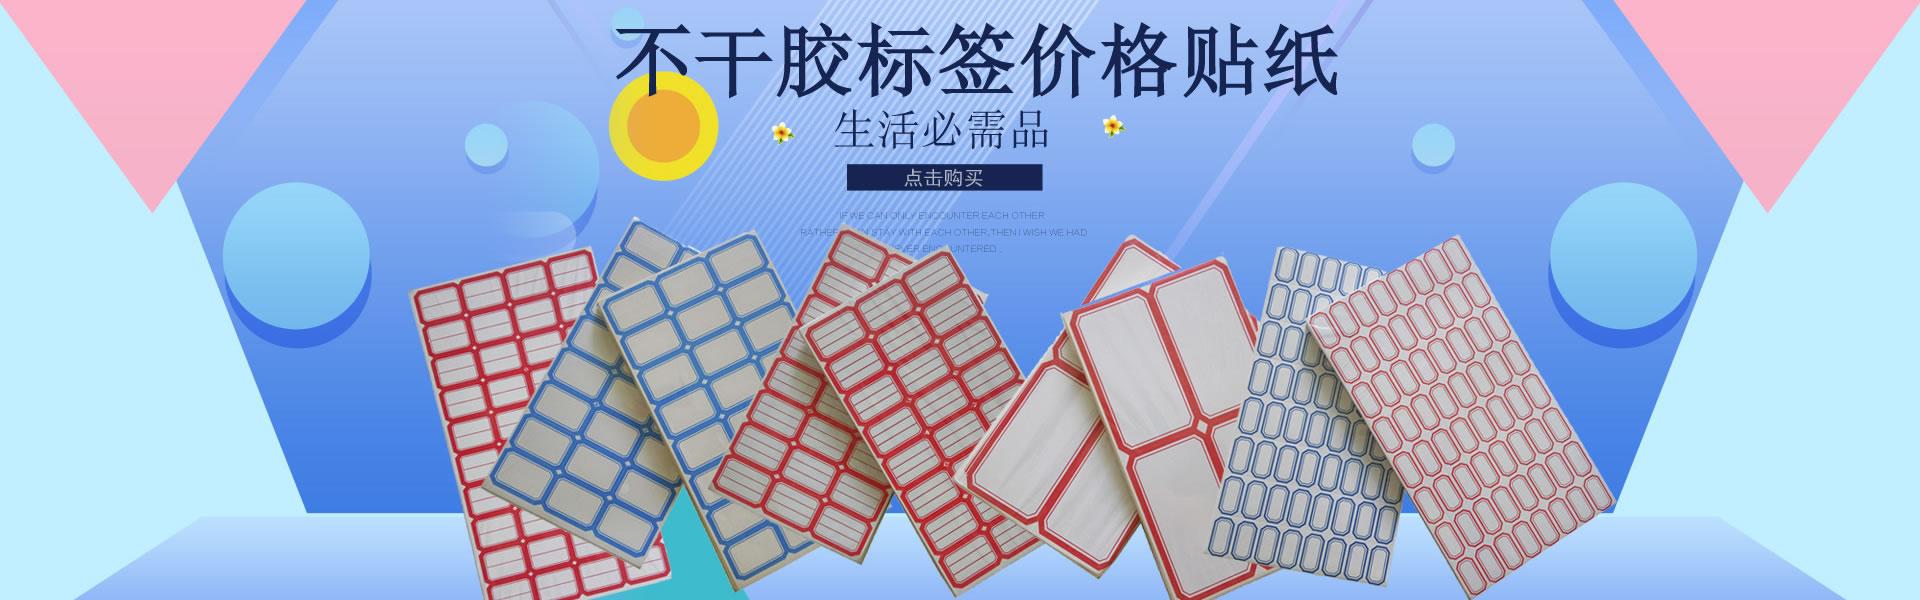 北京快乐8网站-首页_WelcomeOeKv_不干胶价格标签贴纸